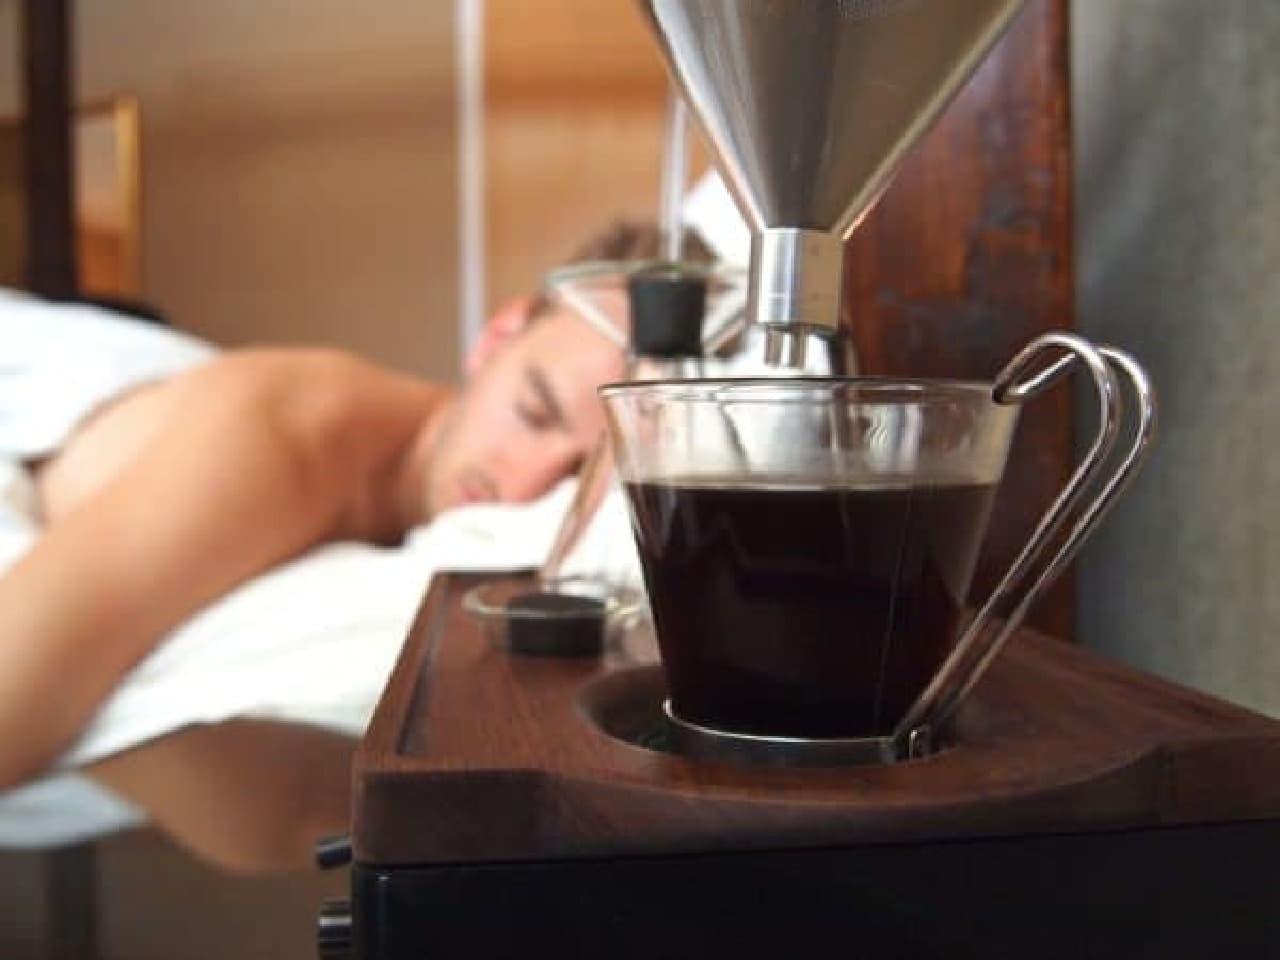 おいしそうなコーヒーの香りで、目を覚まさせる  これが「the barisieur」のコンセプト